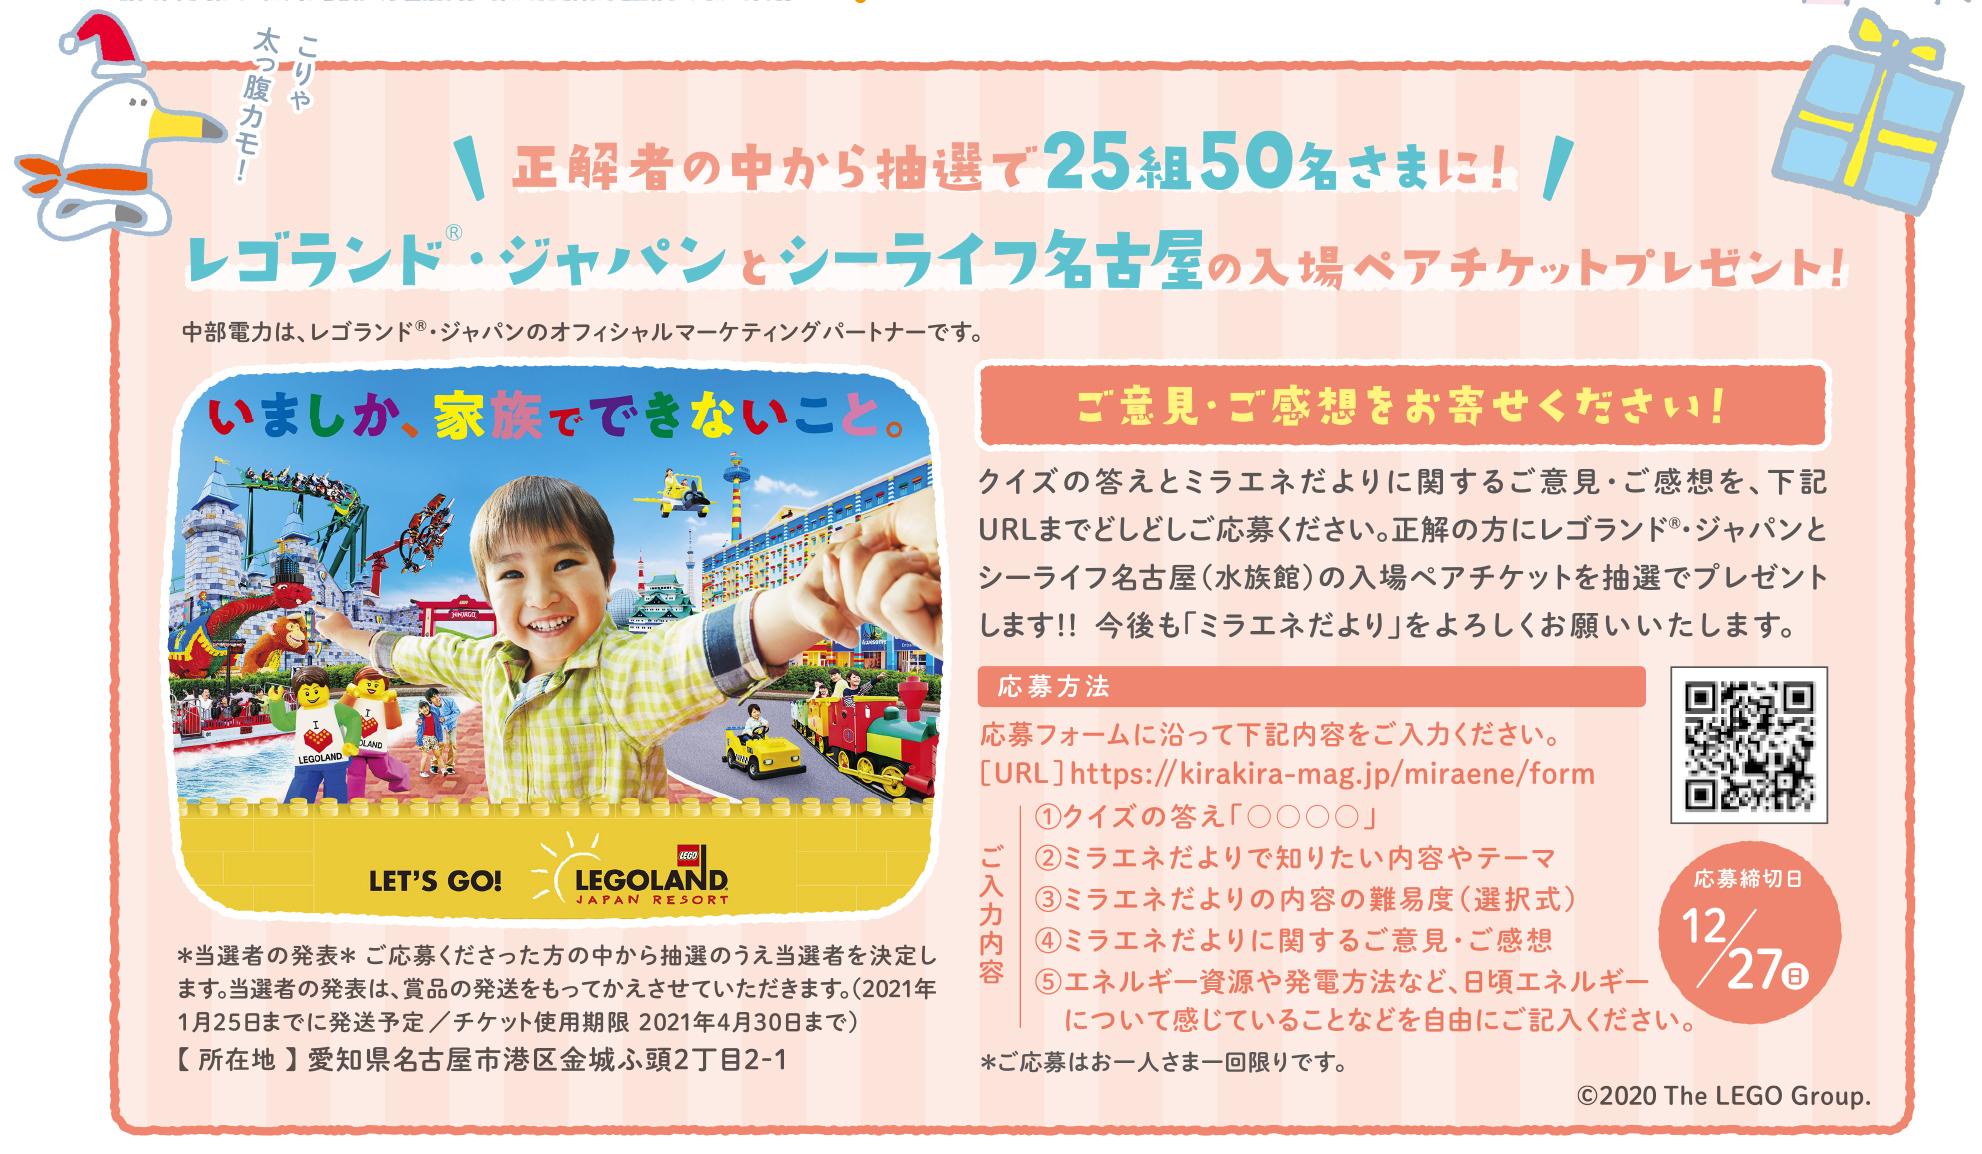 レゴランド・ジャパンとシーライフ名古屋の入場チケットプレゼント